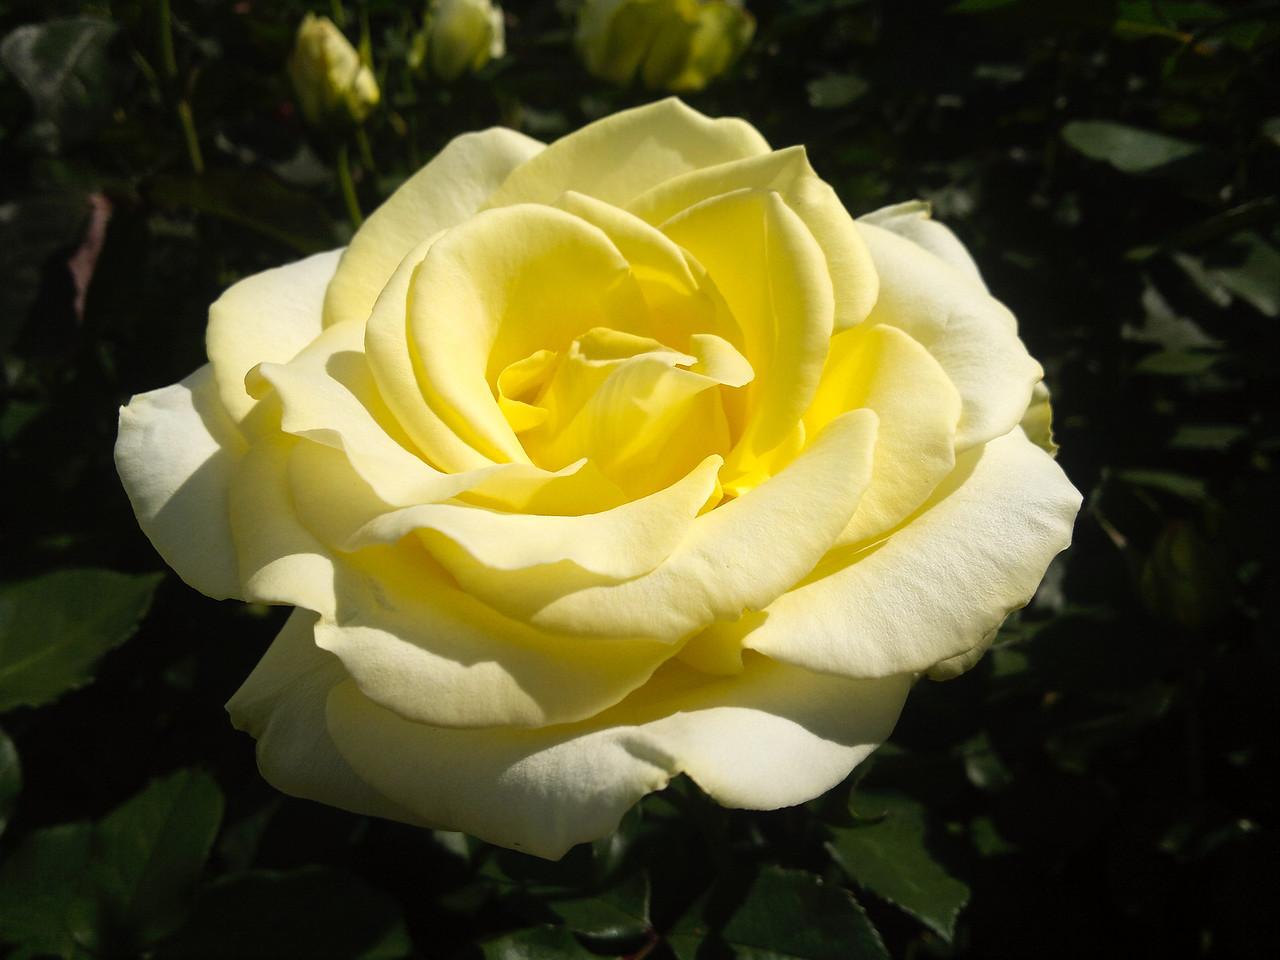 20111020_021 rose